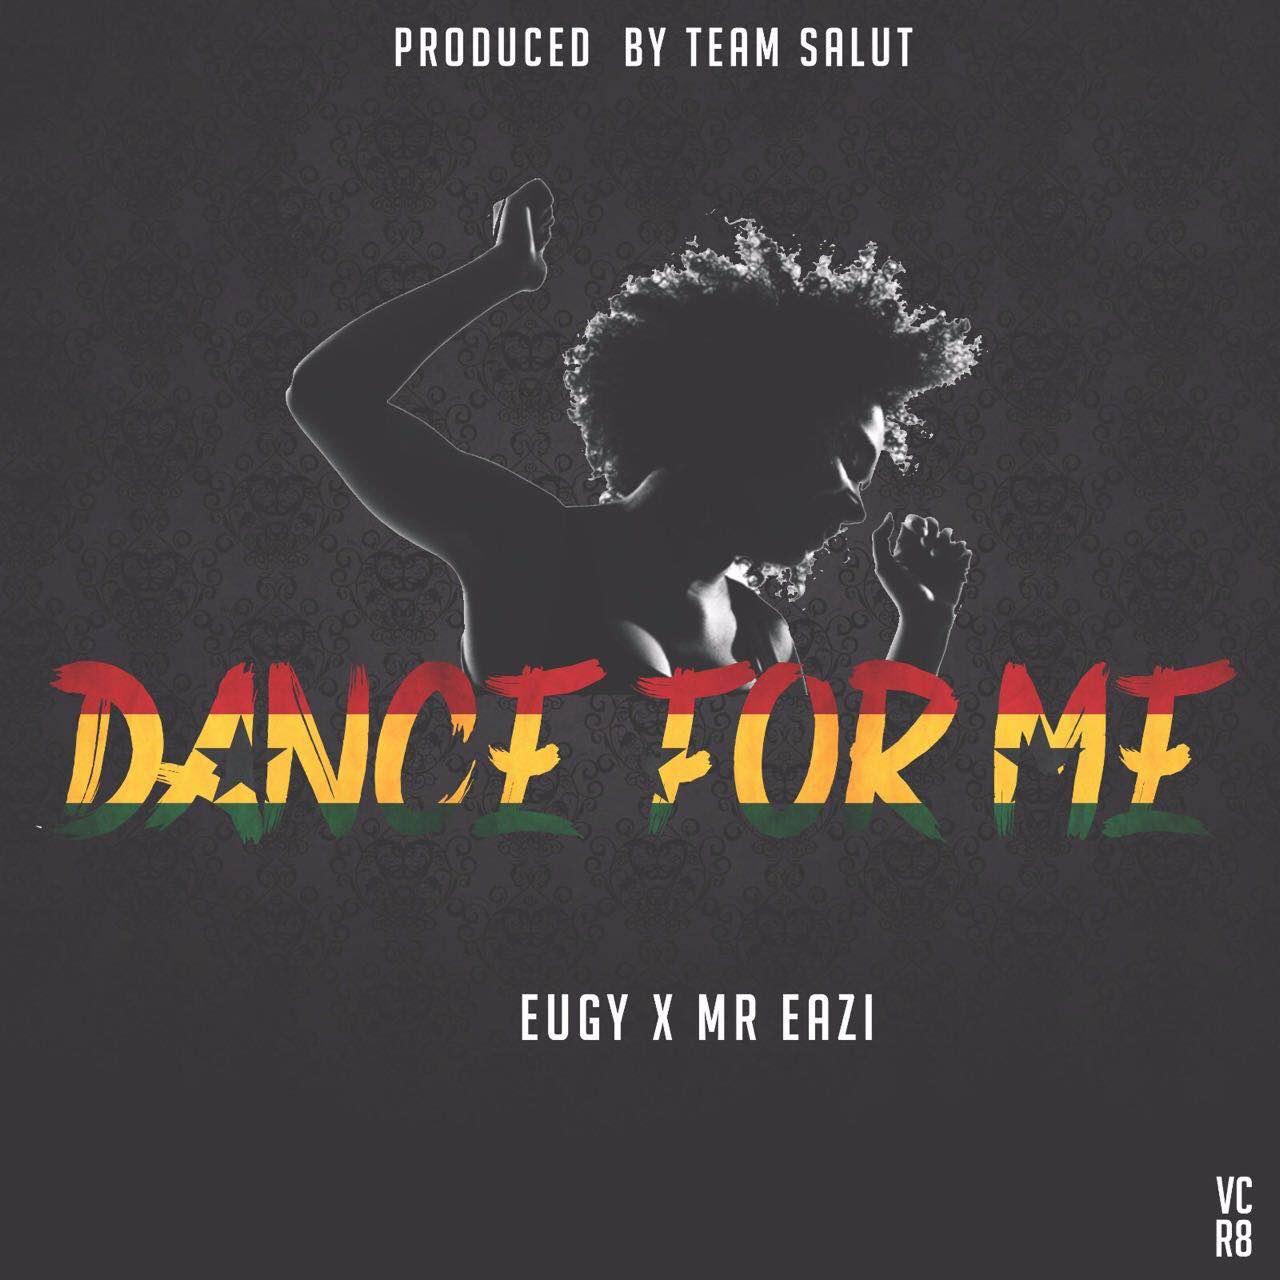 FOR FT ME EUGY MR TÉLÉCHARGER EAZI MP3 DANCE